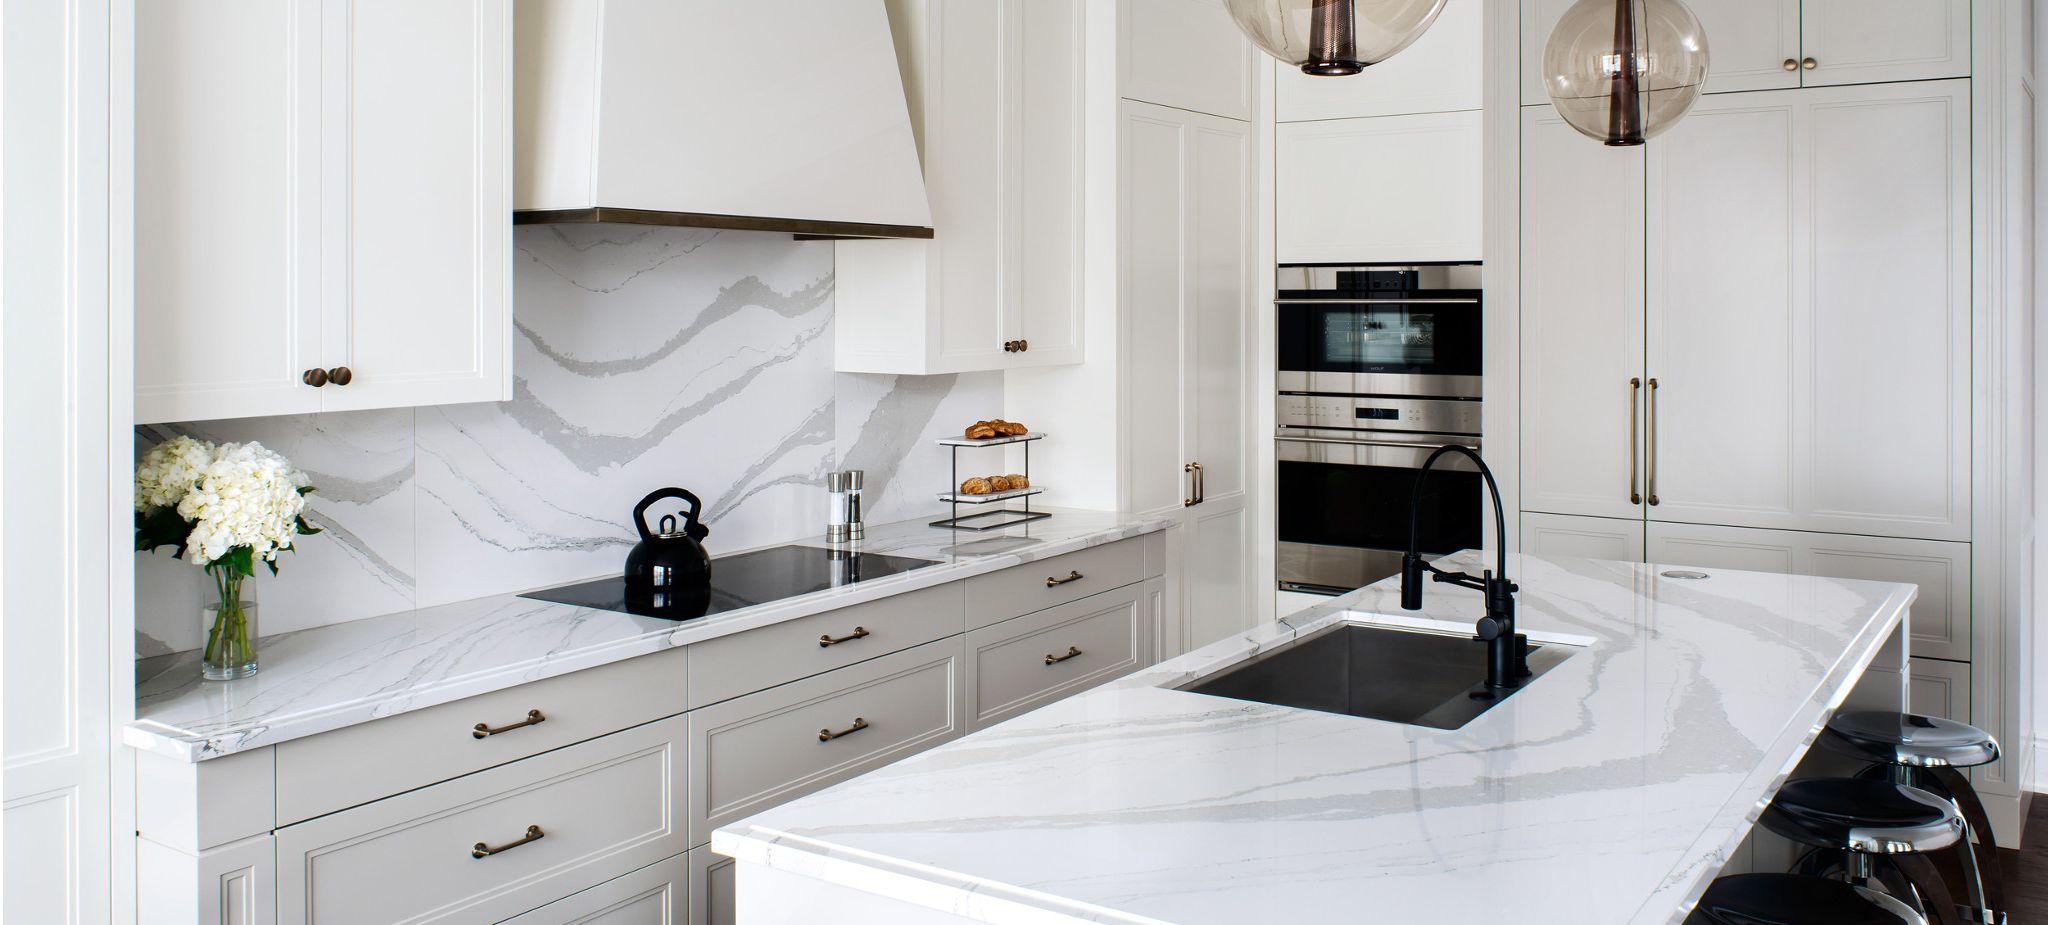 cambria-brittanicca-quartz-countertops-kitchen